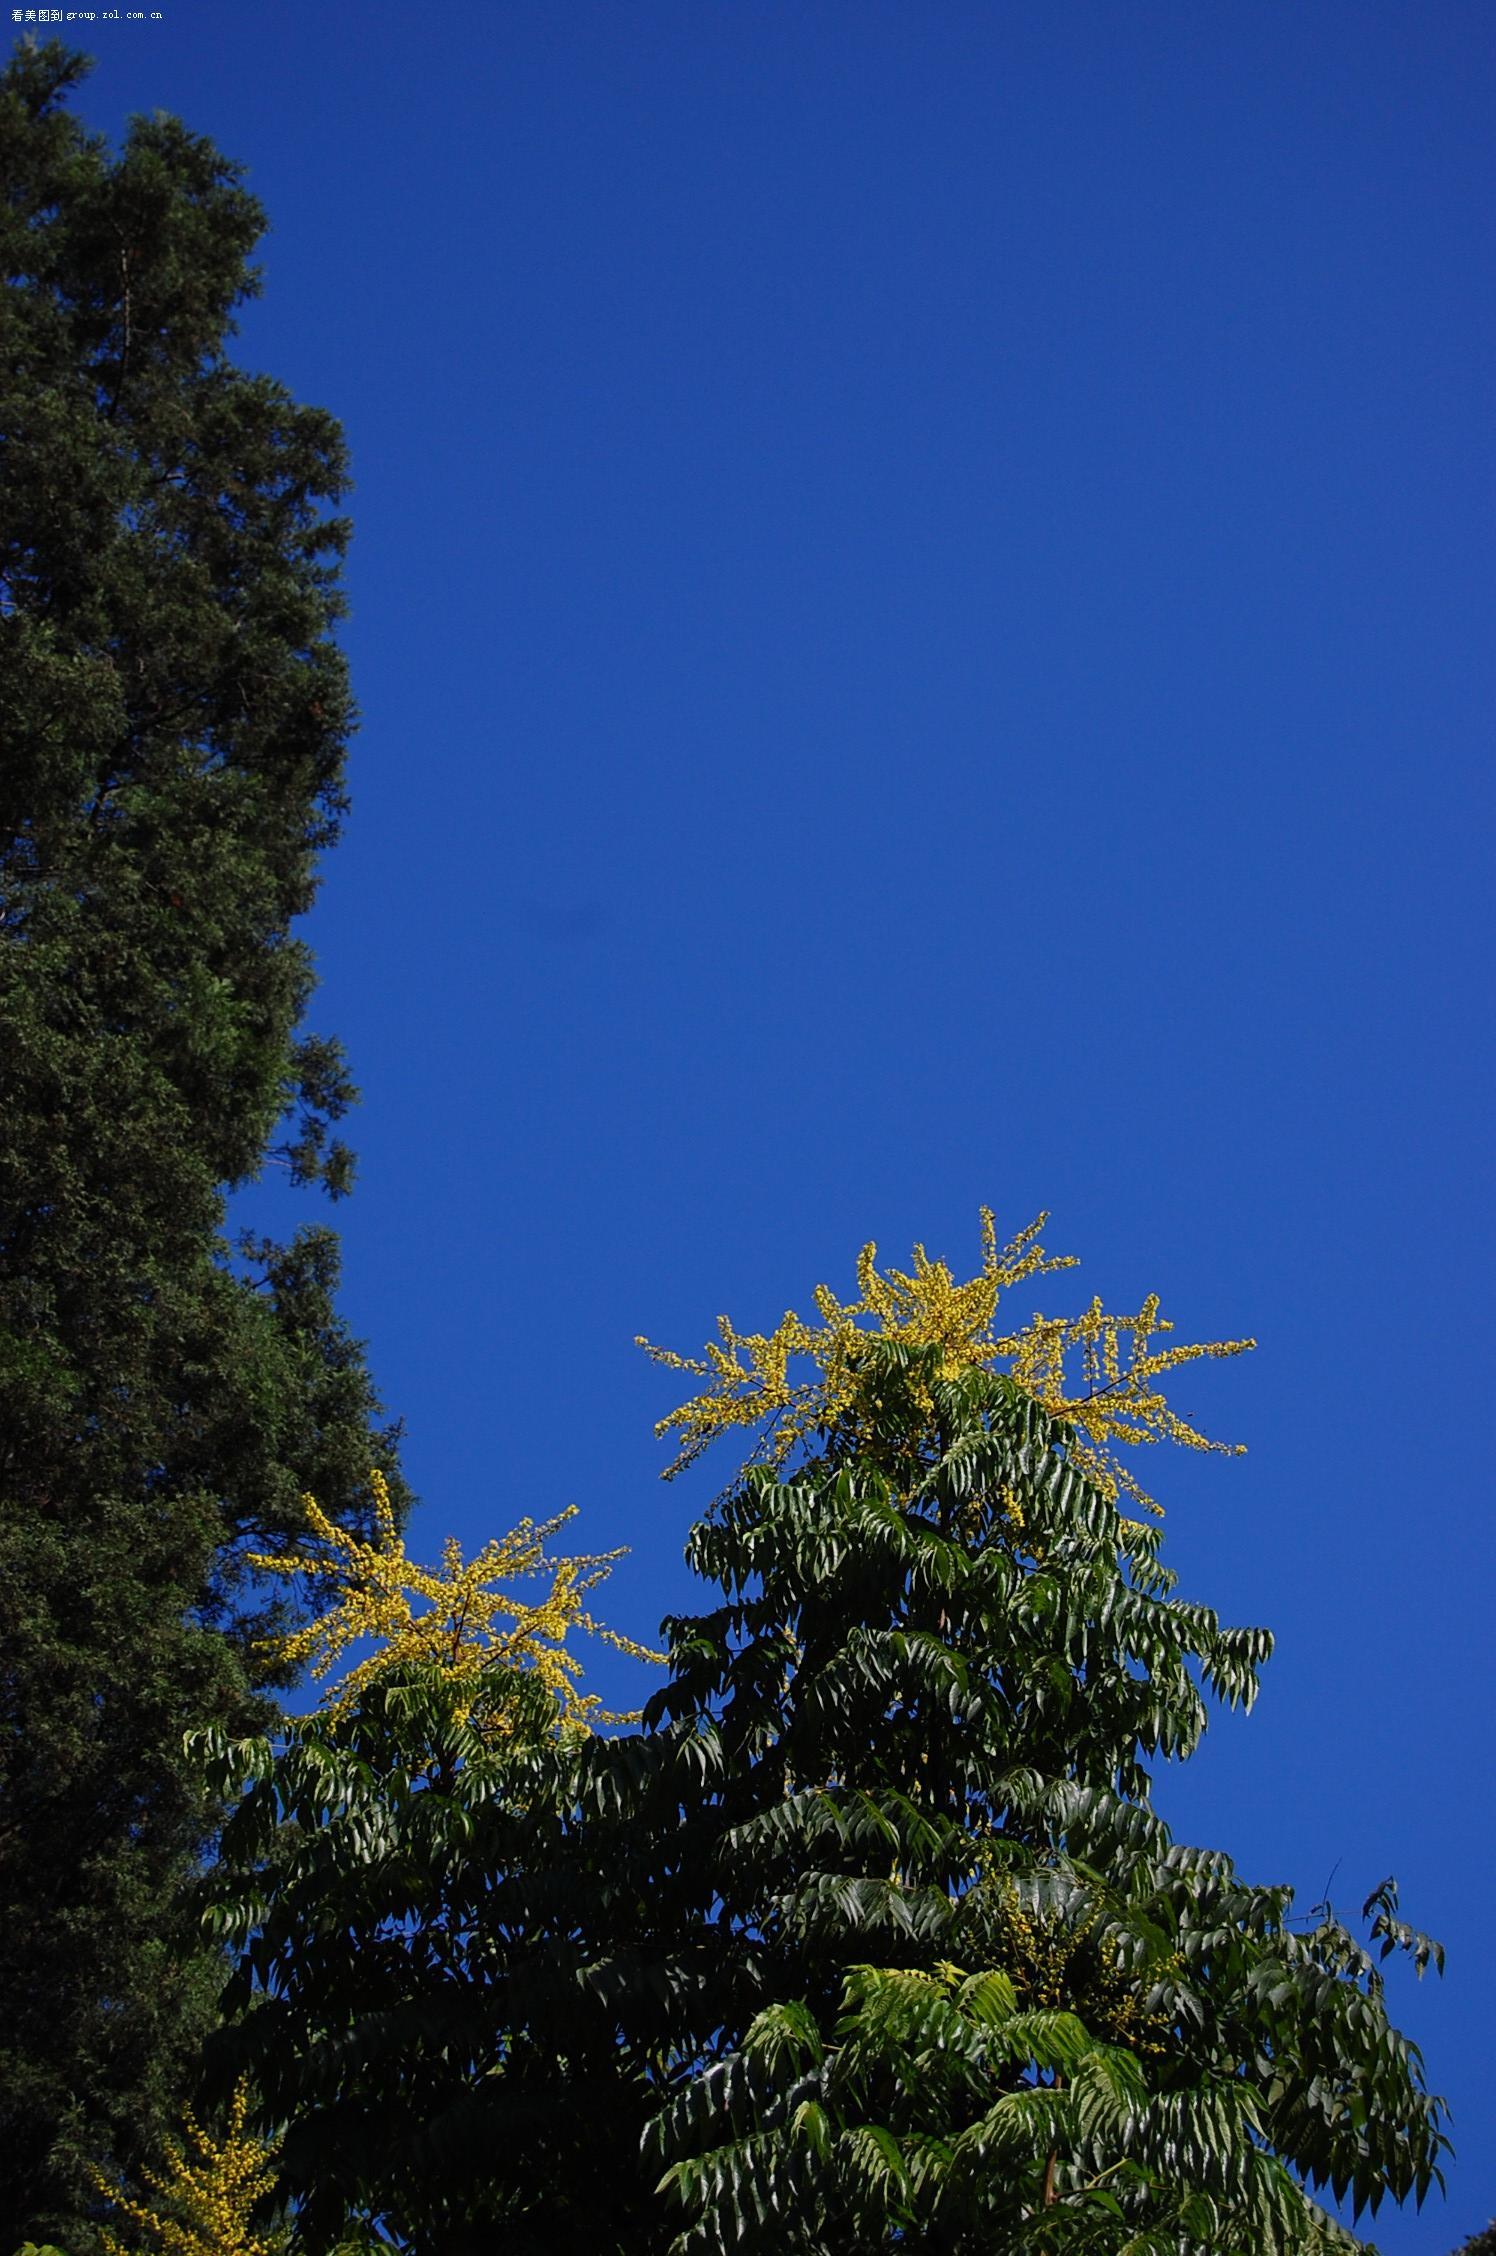 晴天试机+uv(未ps,未压缩原片!蓝天,白云,绿树,黄花.